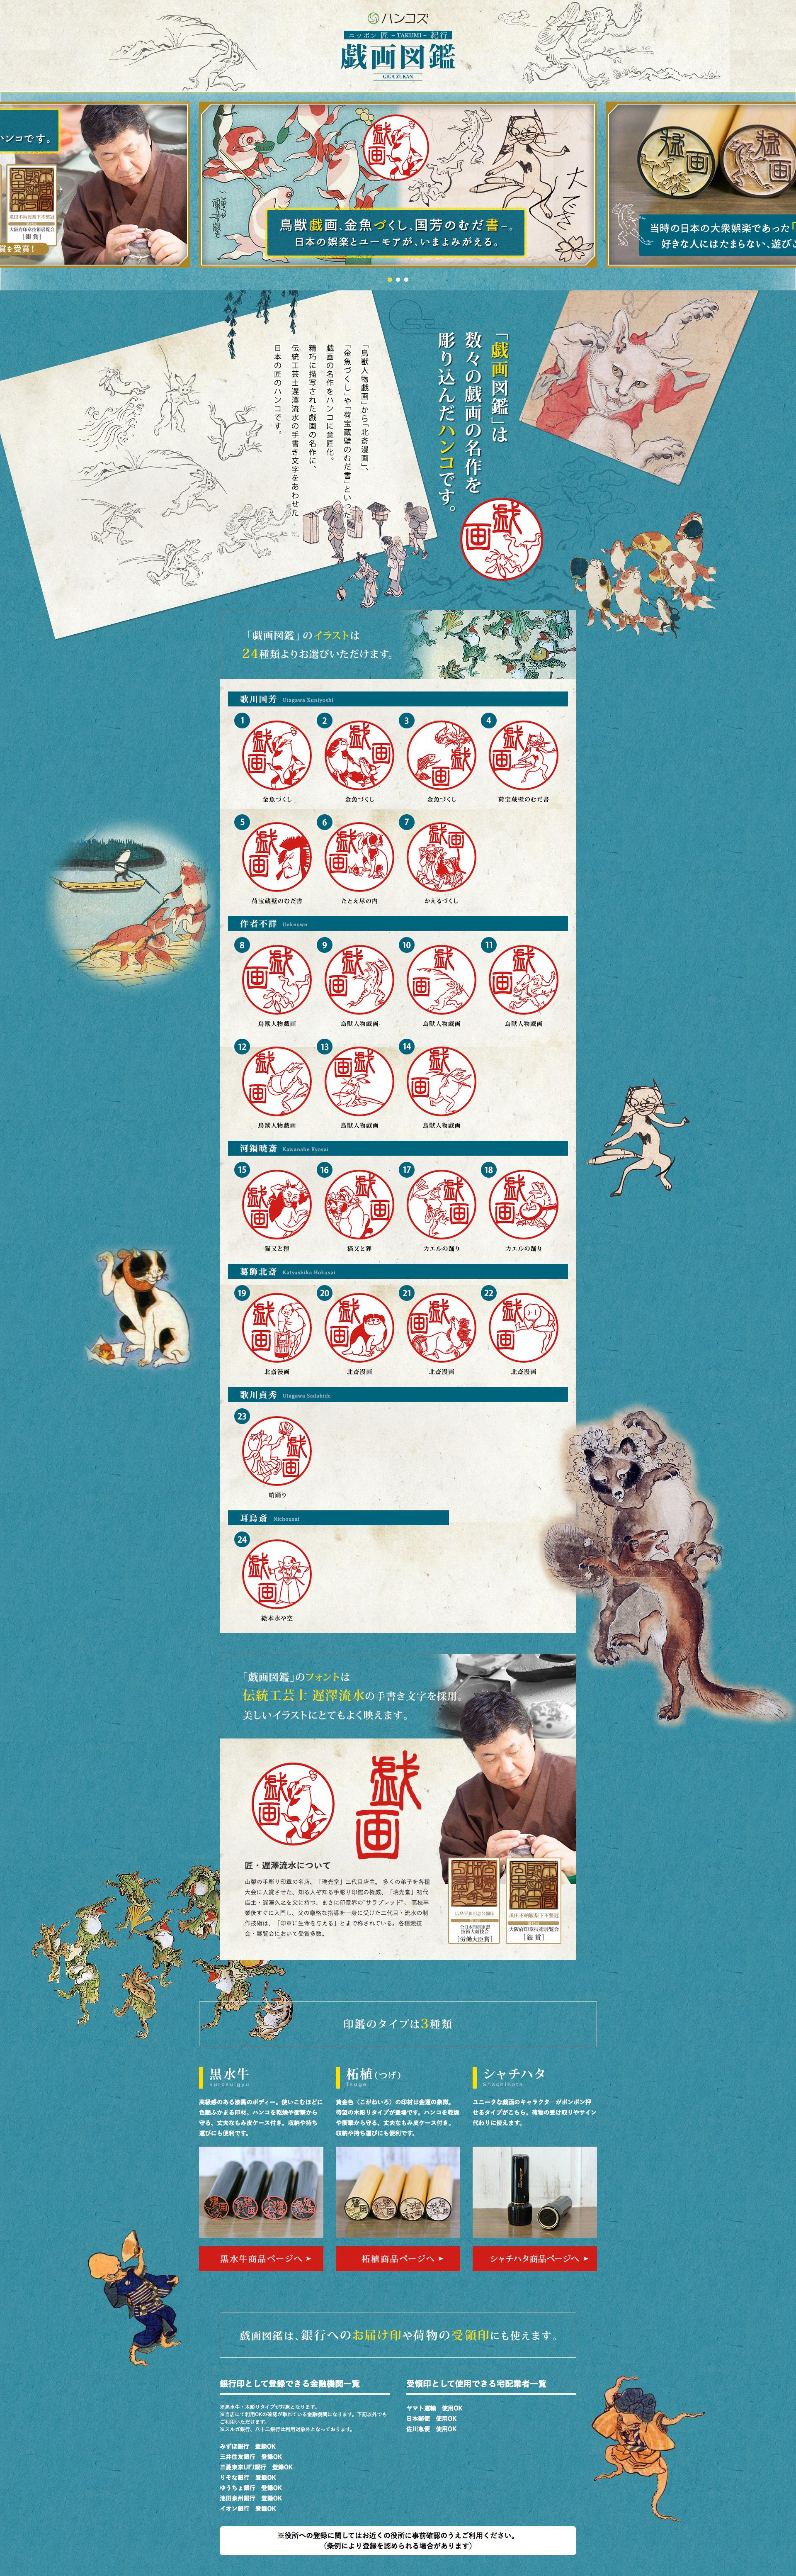 ハンコズ「鳥獣戯画のハンコ」商品LP